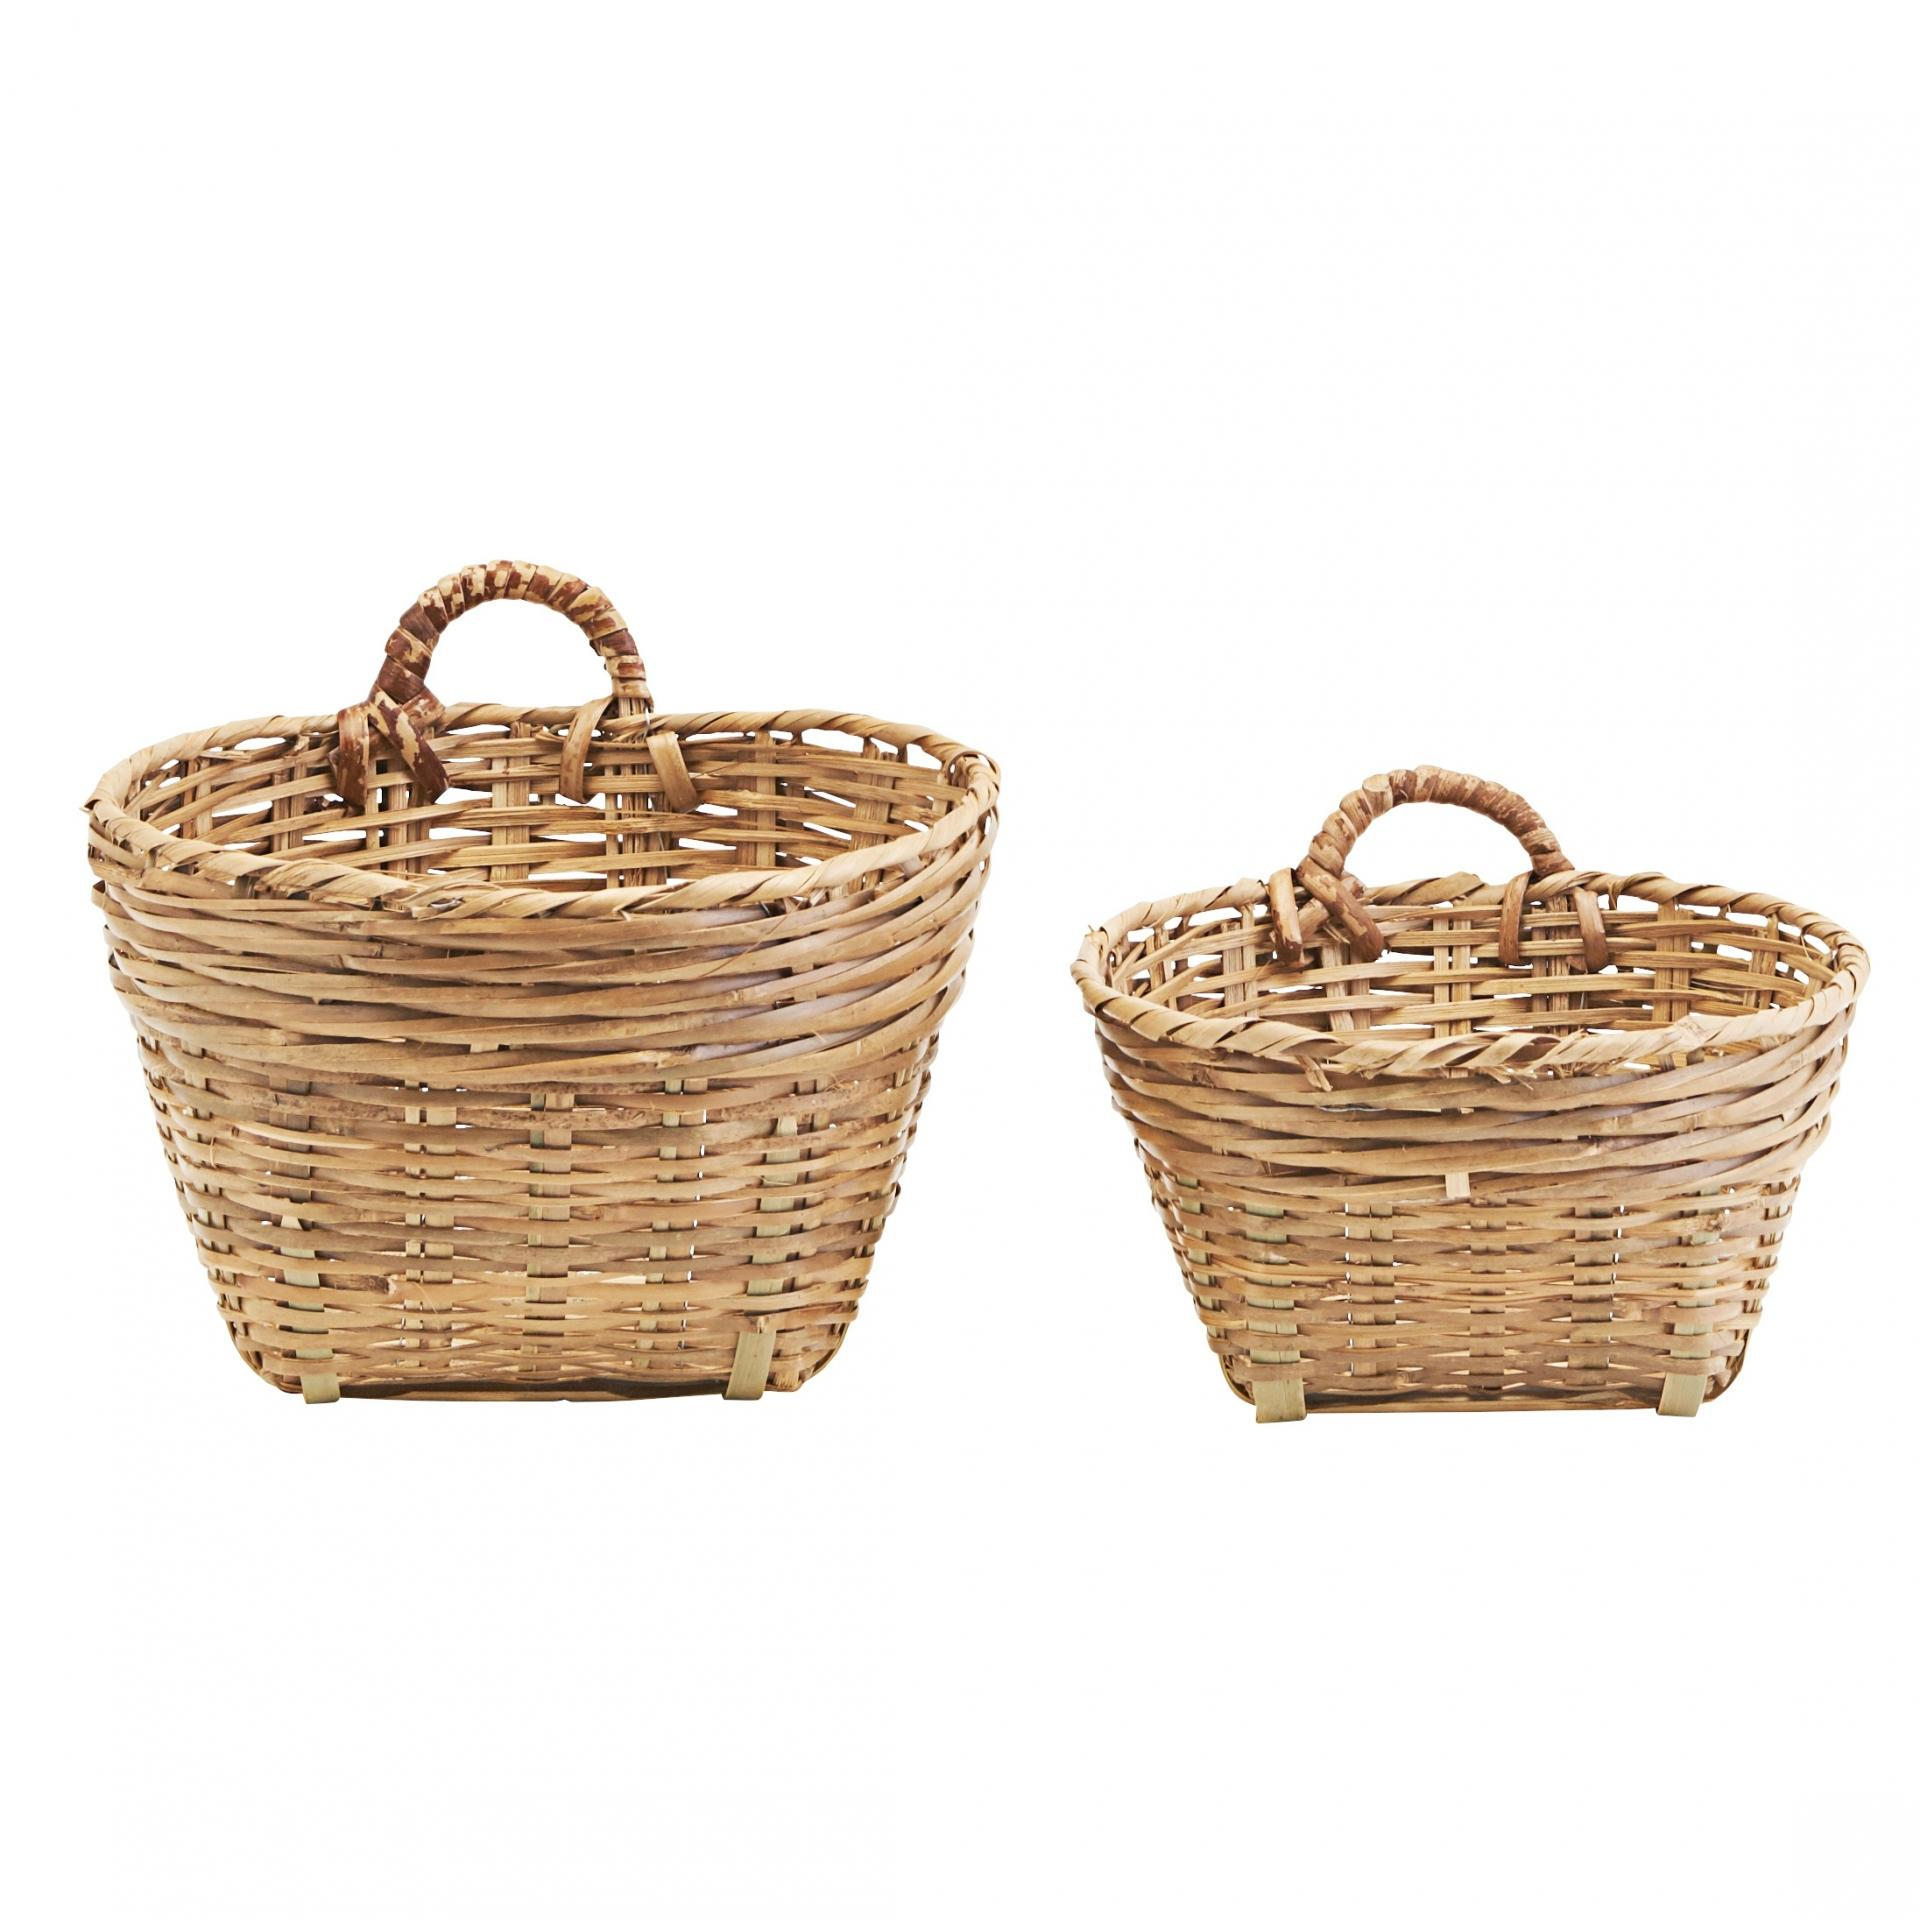 meraki Proutěný košík Tradition Menší, hnědá barva, přírodní barva, proutí